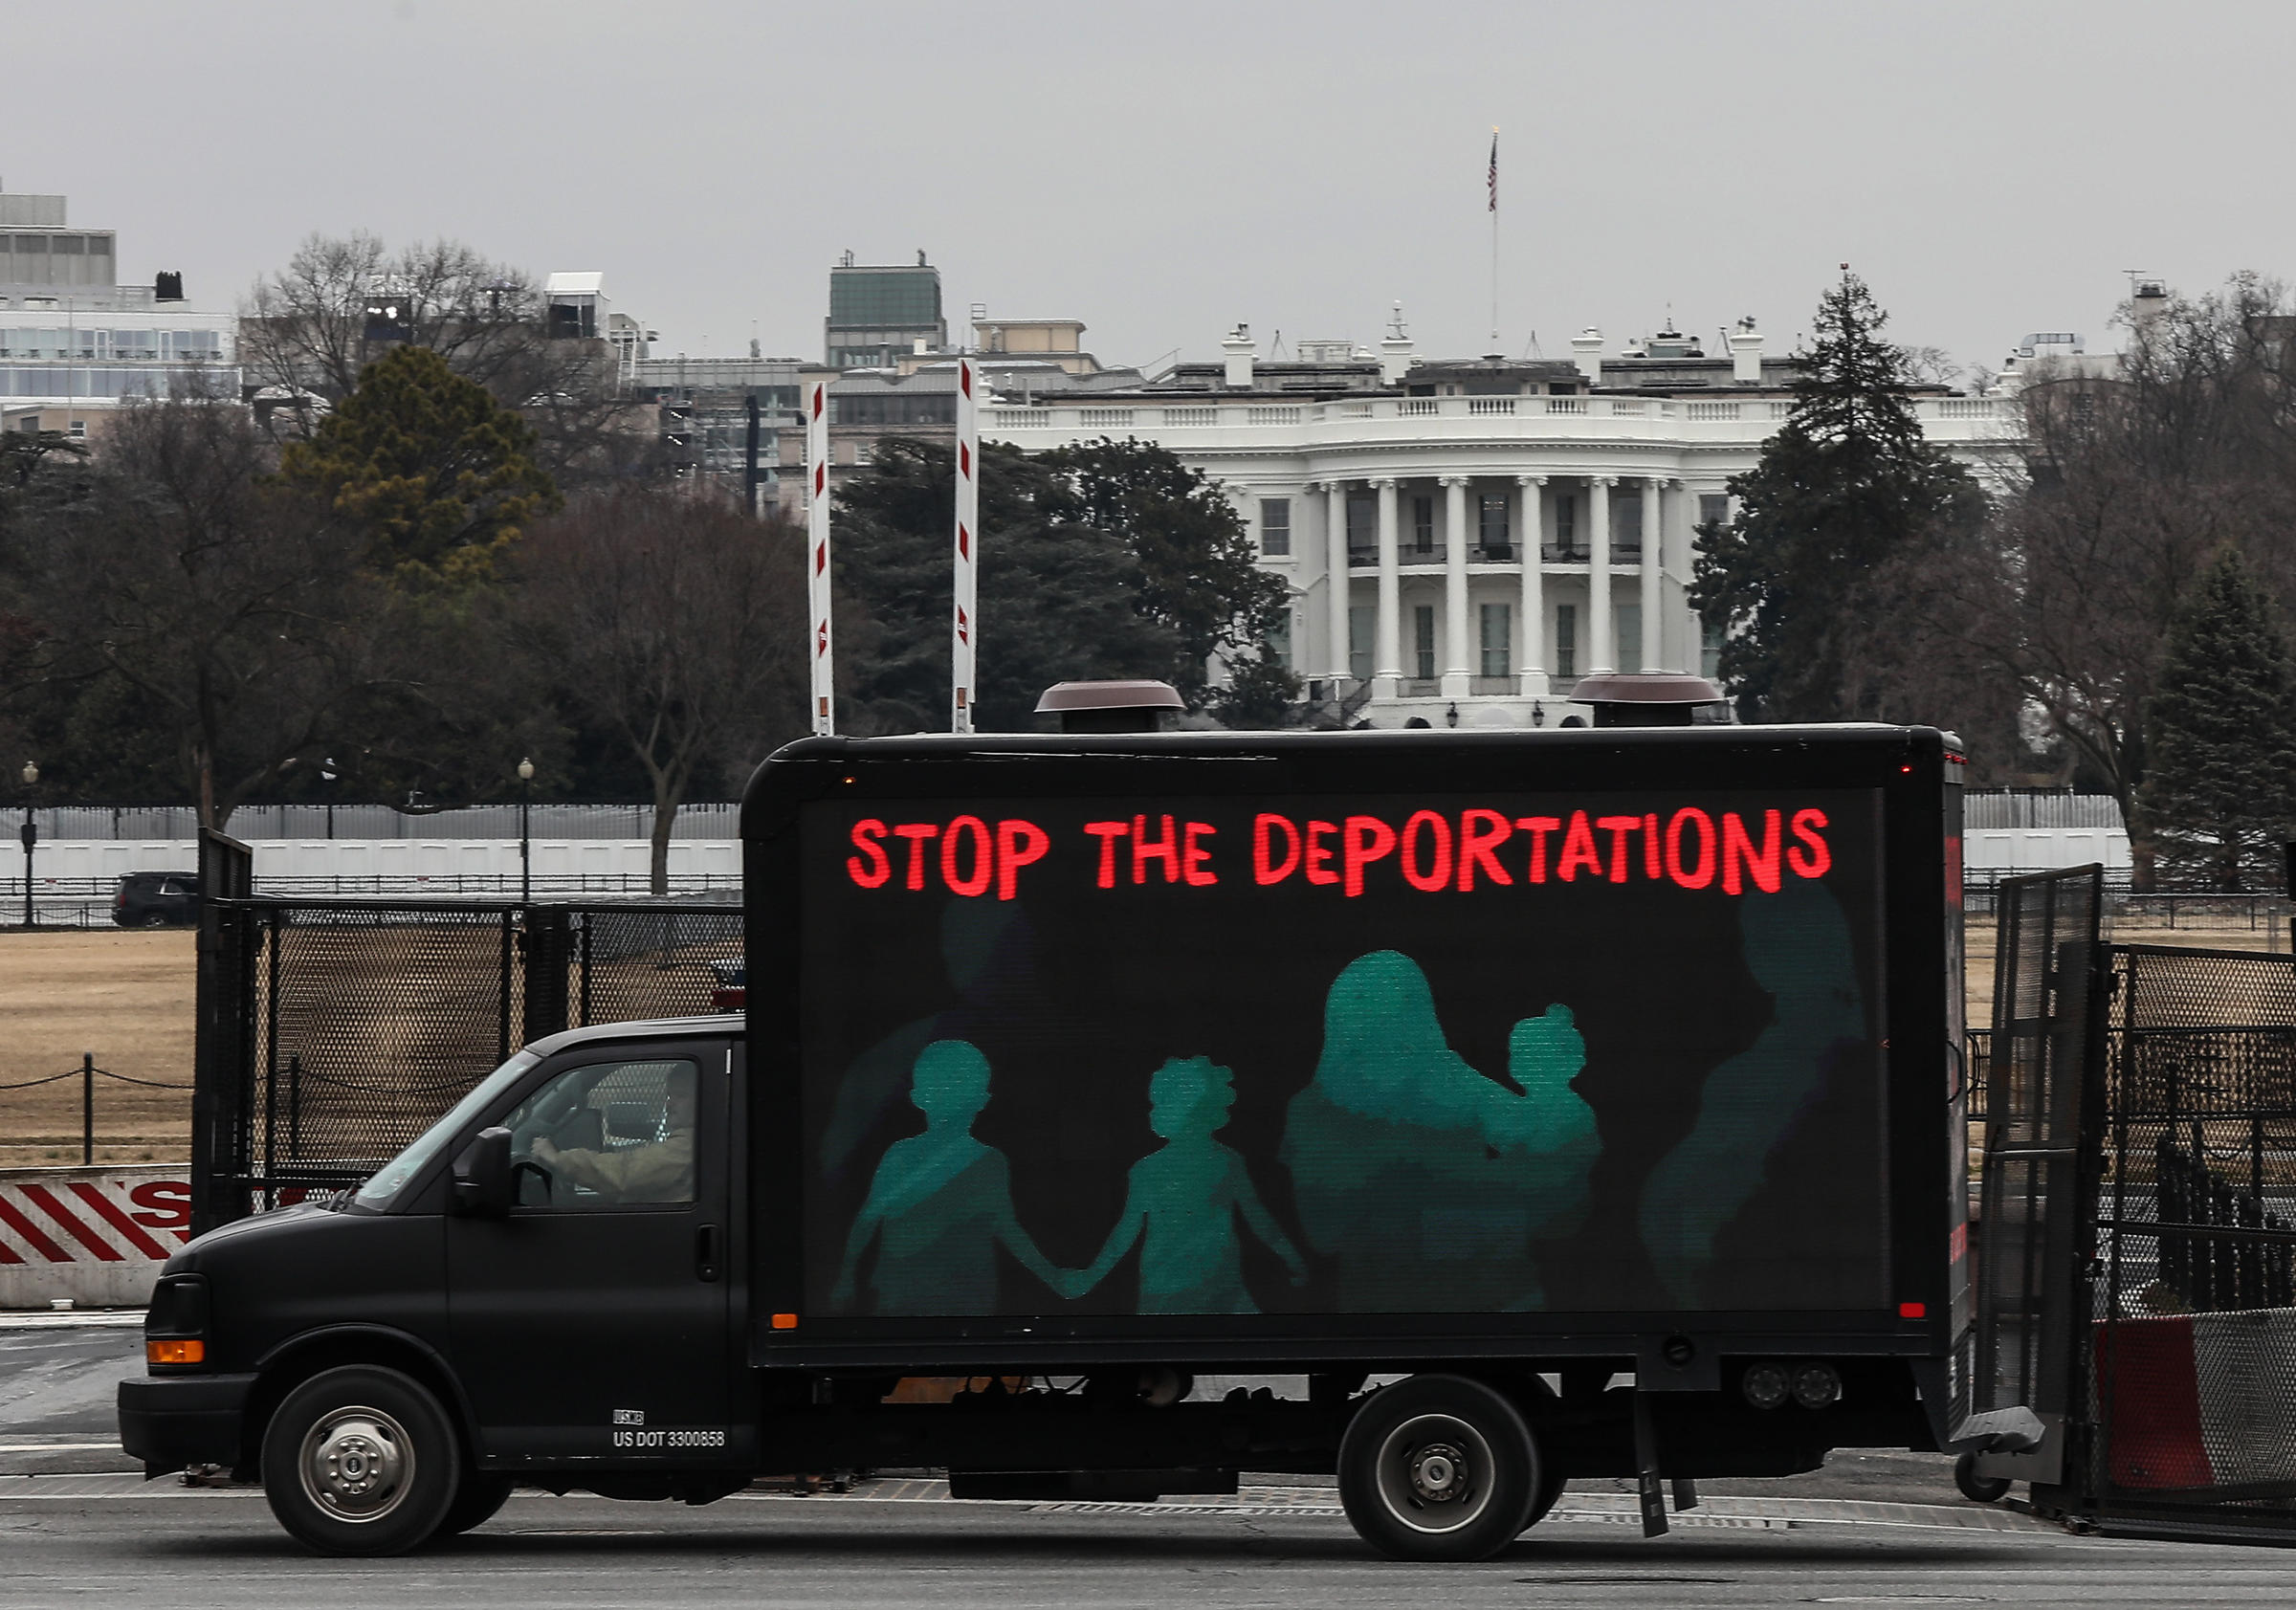 EE.UU.: Biden presenta reforma migratoria que legalizaría a más de 3 millones de indocumentados